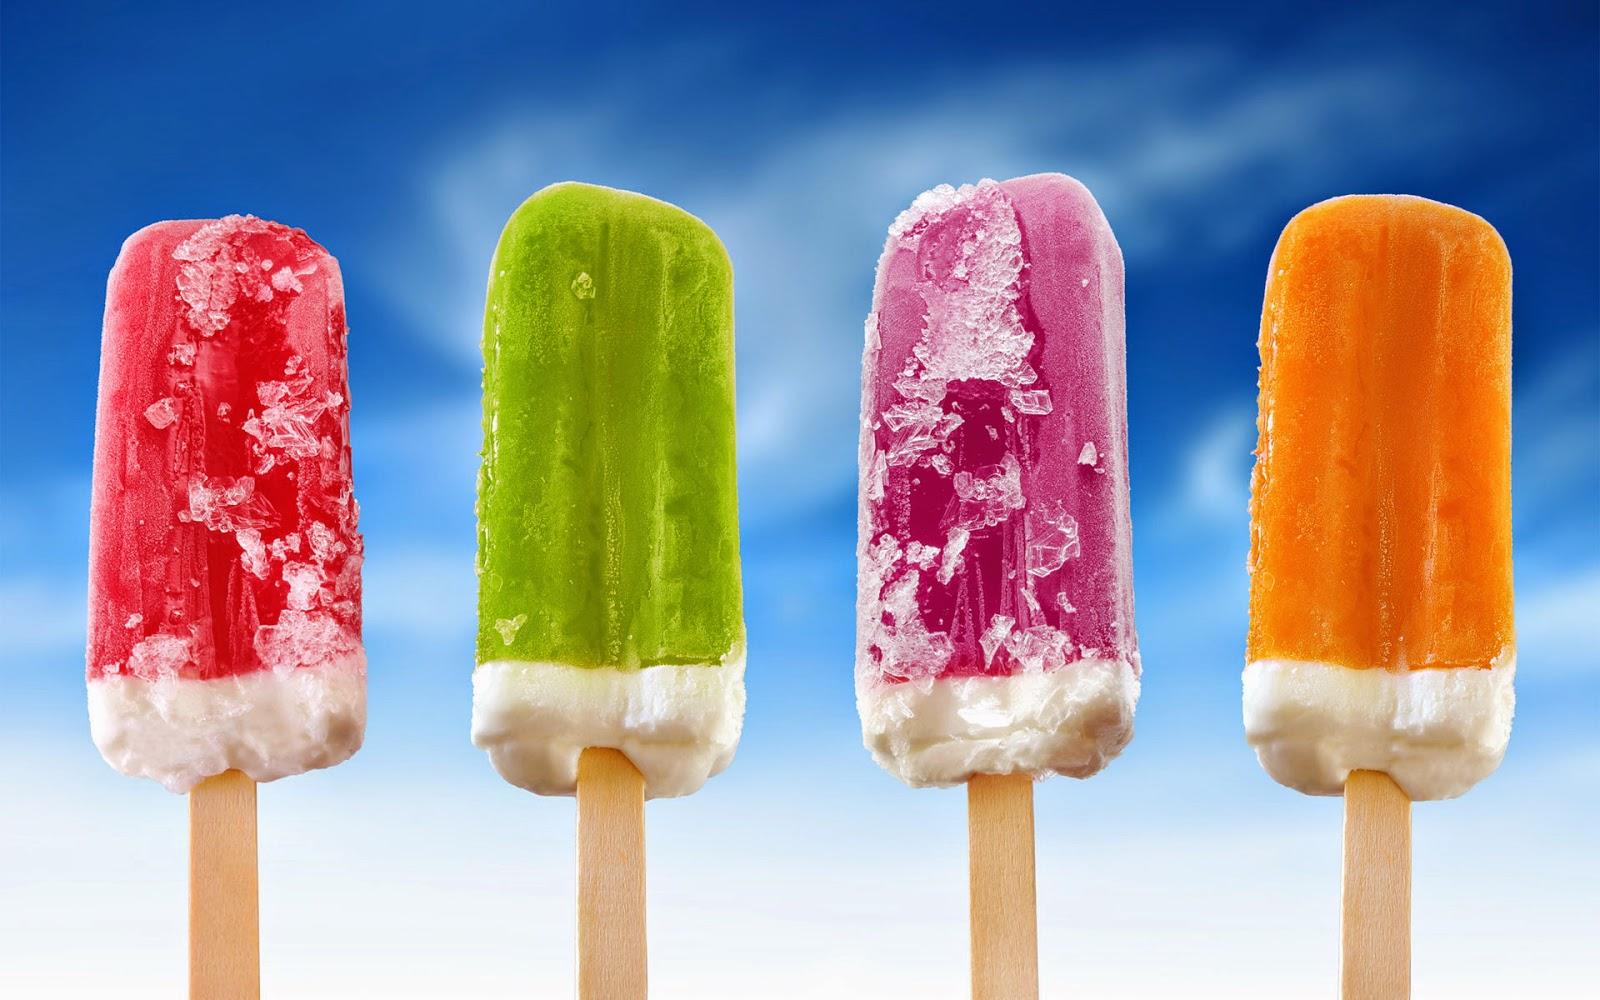 Hình ảnh nền kem ngon cho máy tính tươi mát mùa hè